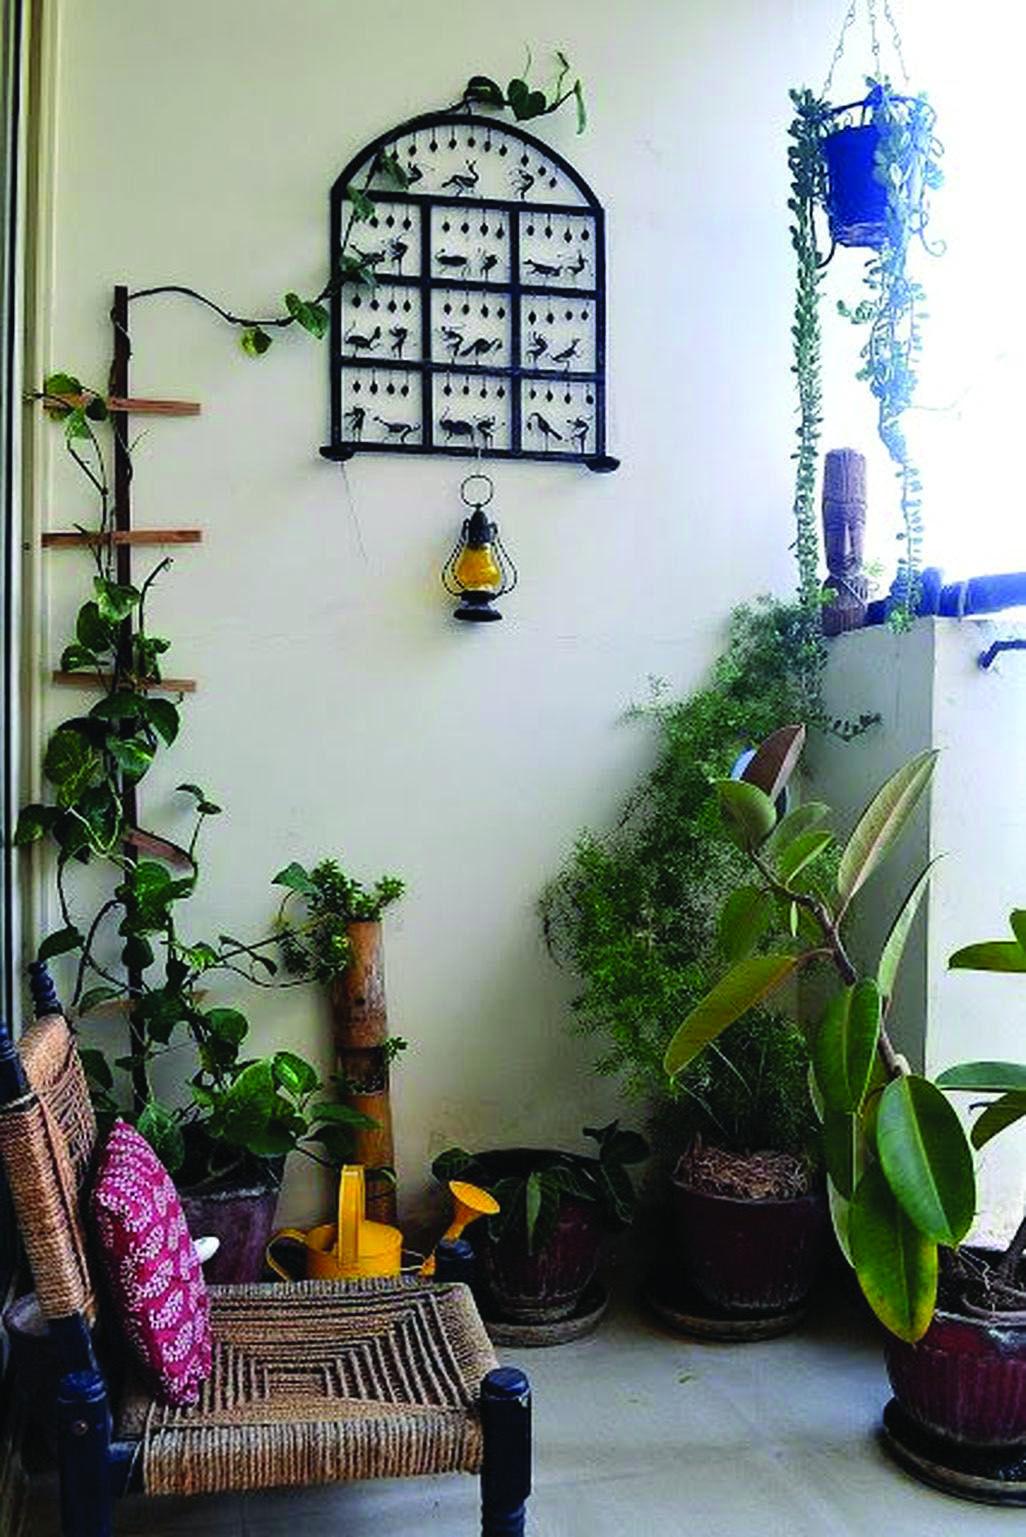 Cool And Contemporary Cactus Balcony Garden Ideas Made Easy Balcony Decor Indian Home Decor Small Balcony Decor